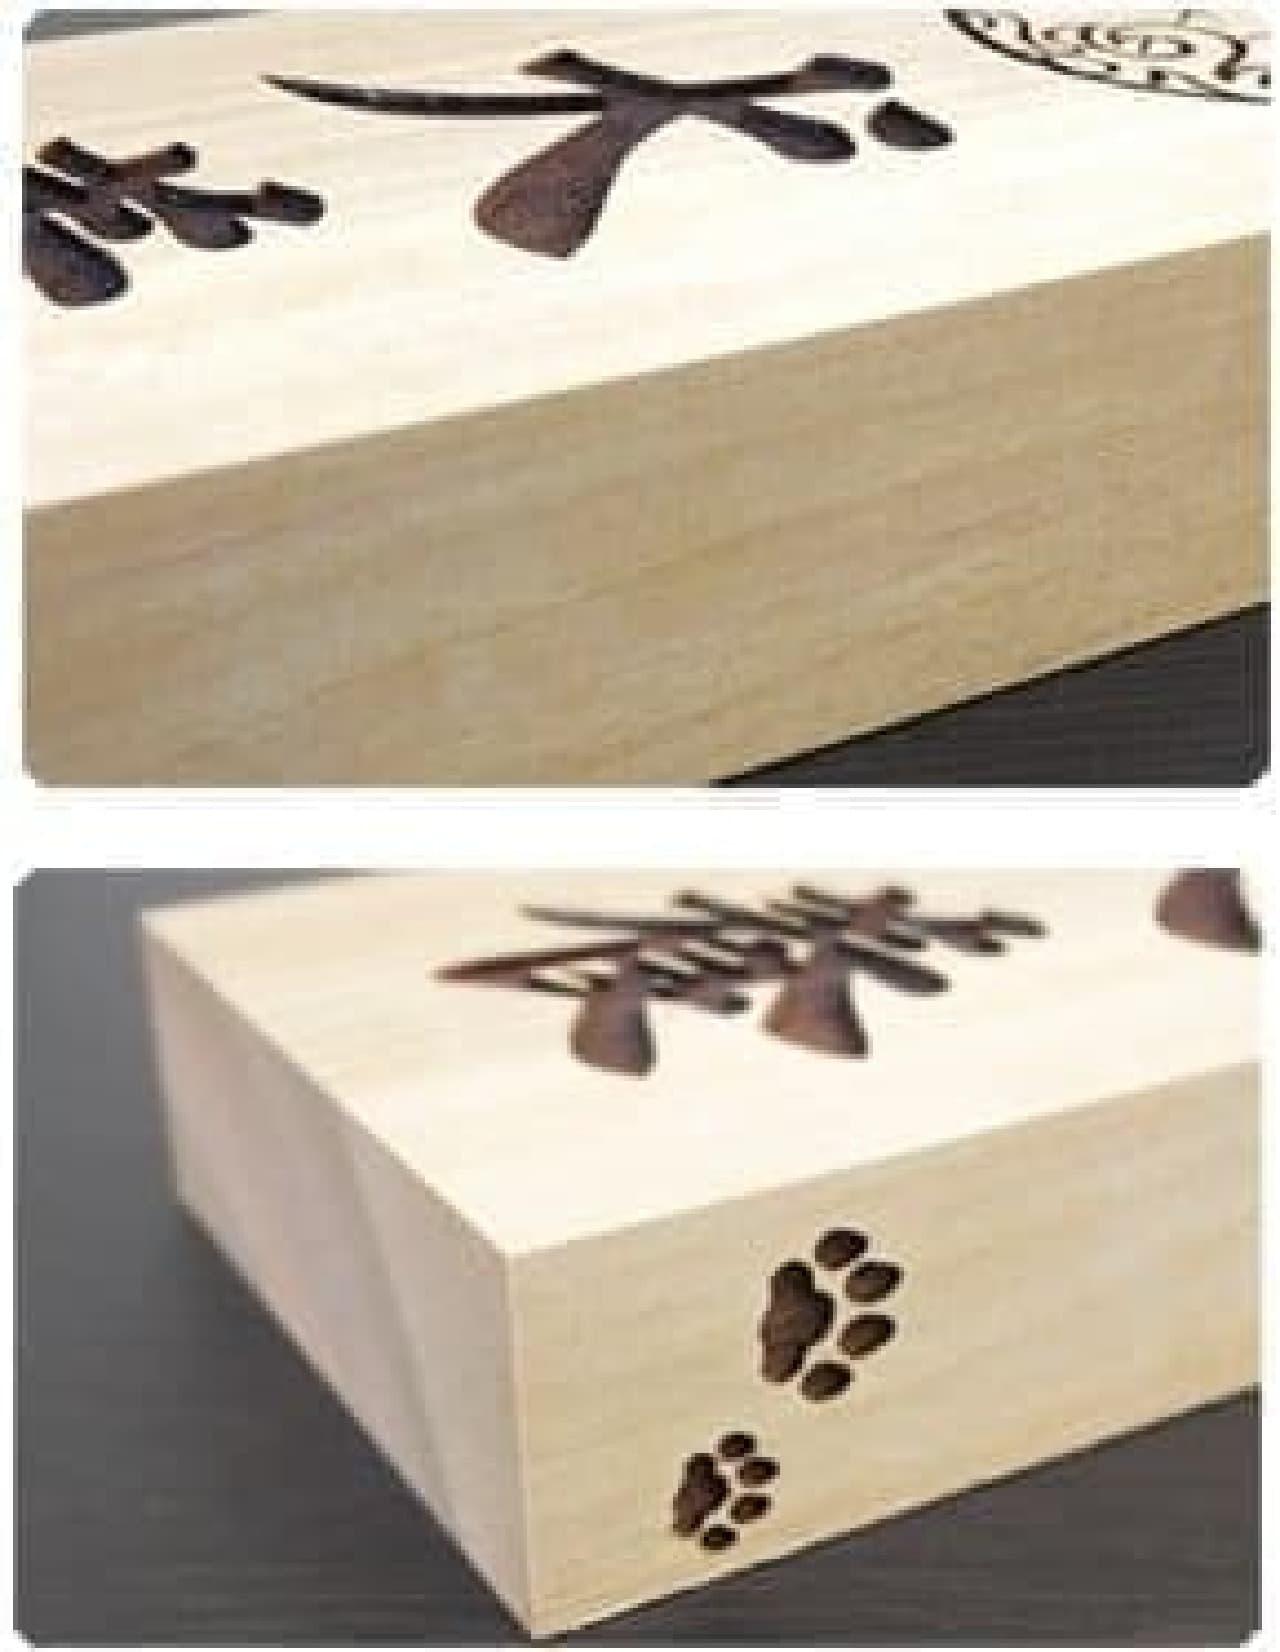 「いぬもん表札」は木の重厚感と、犬の可愛らしさを併せ持つ